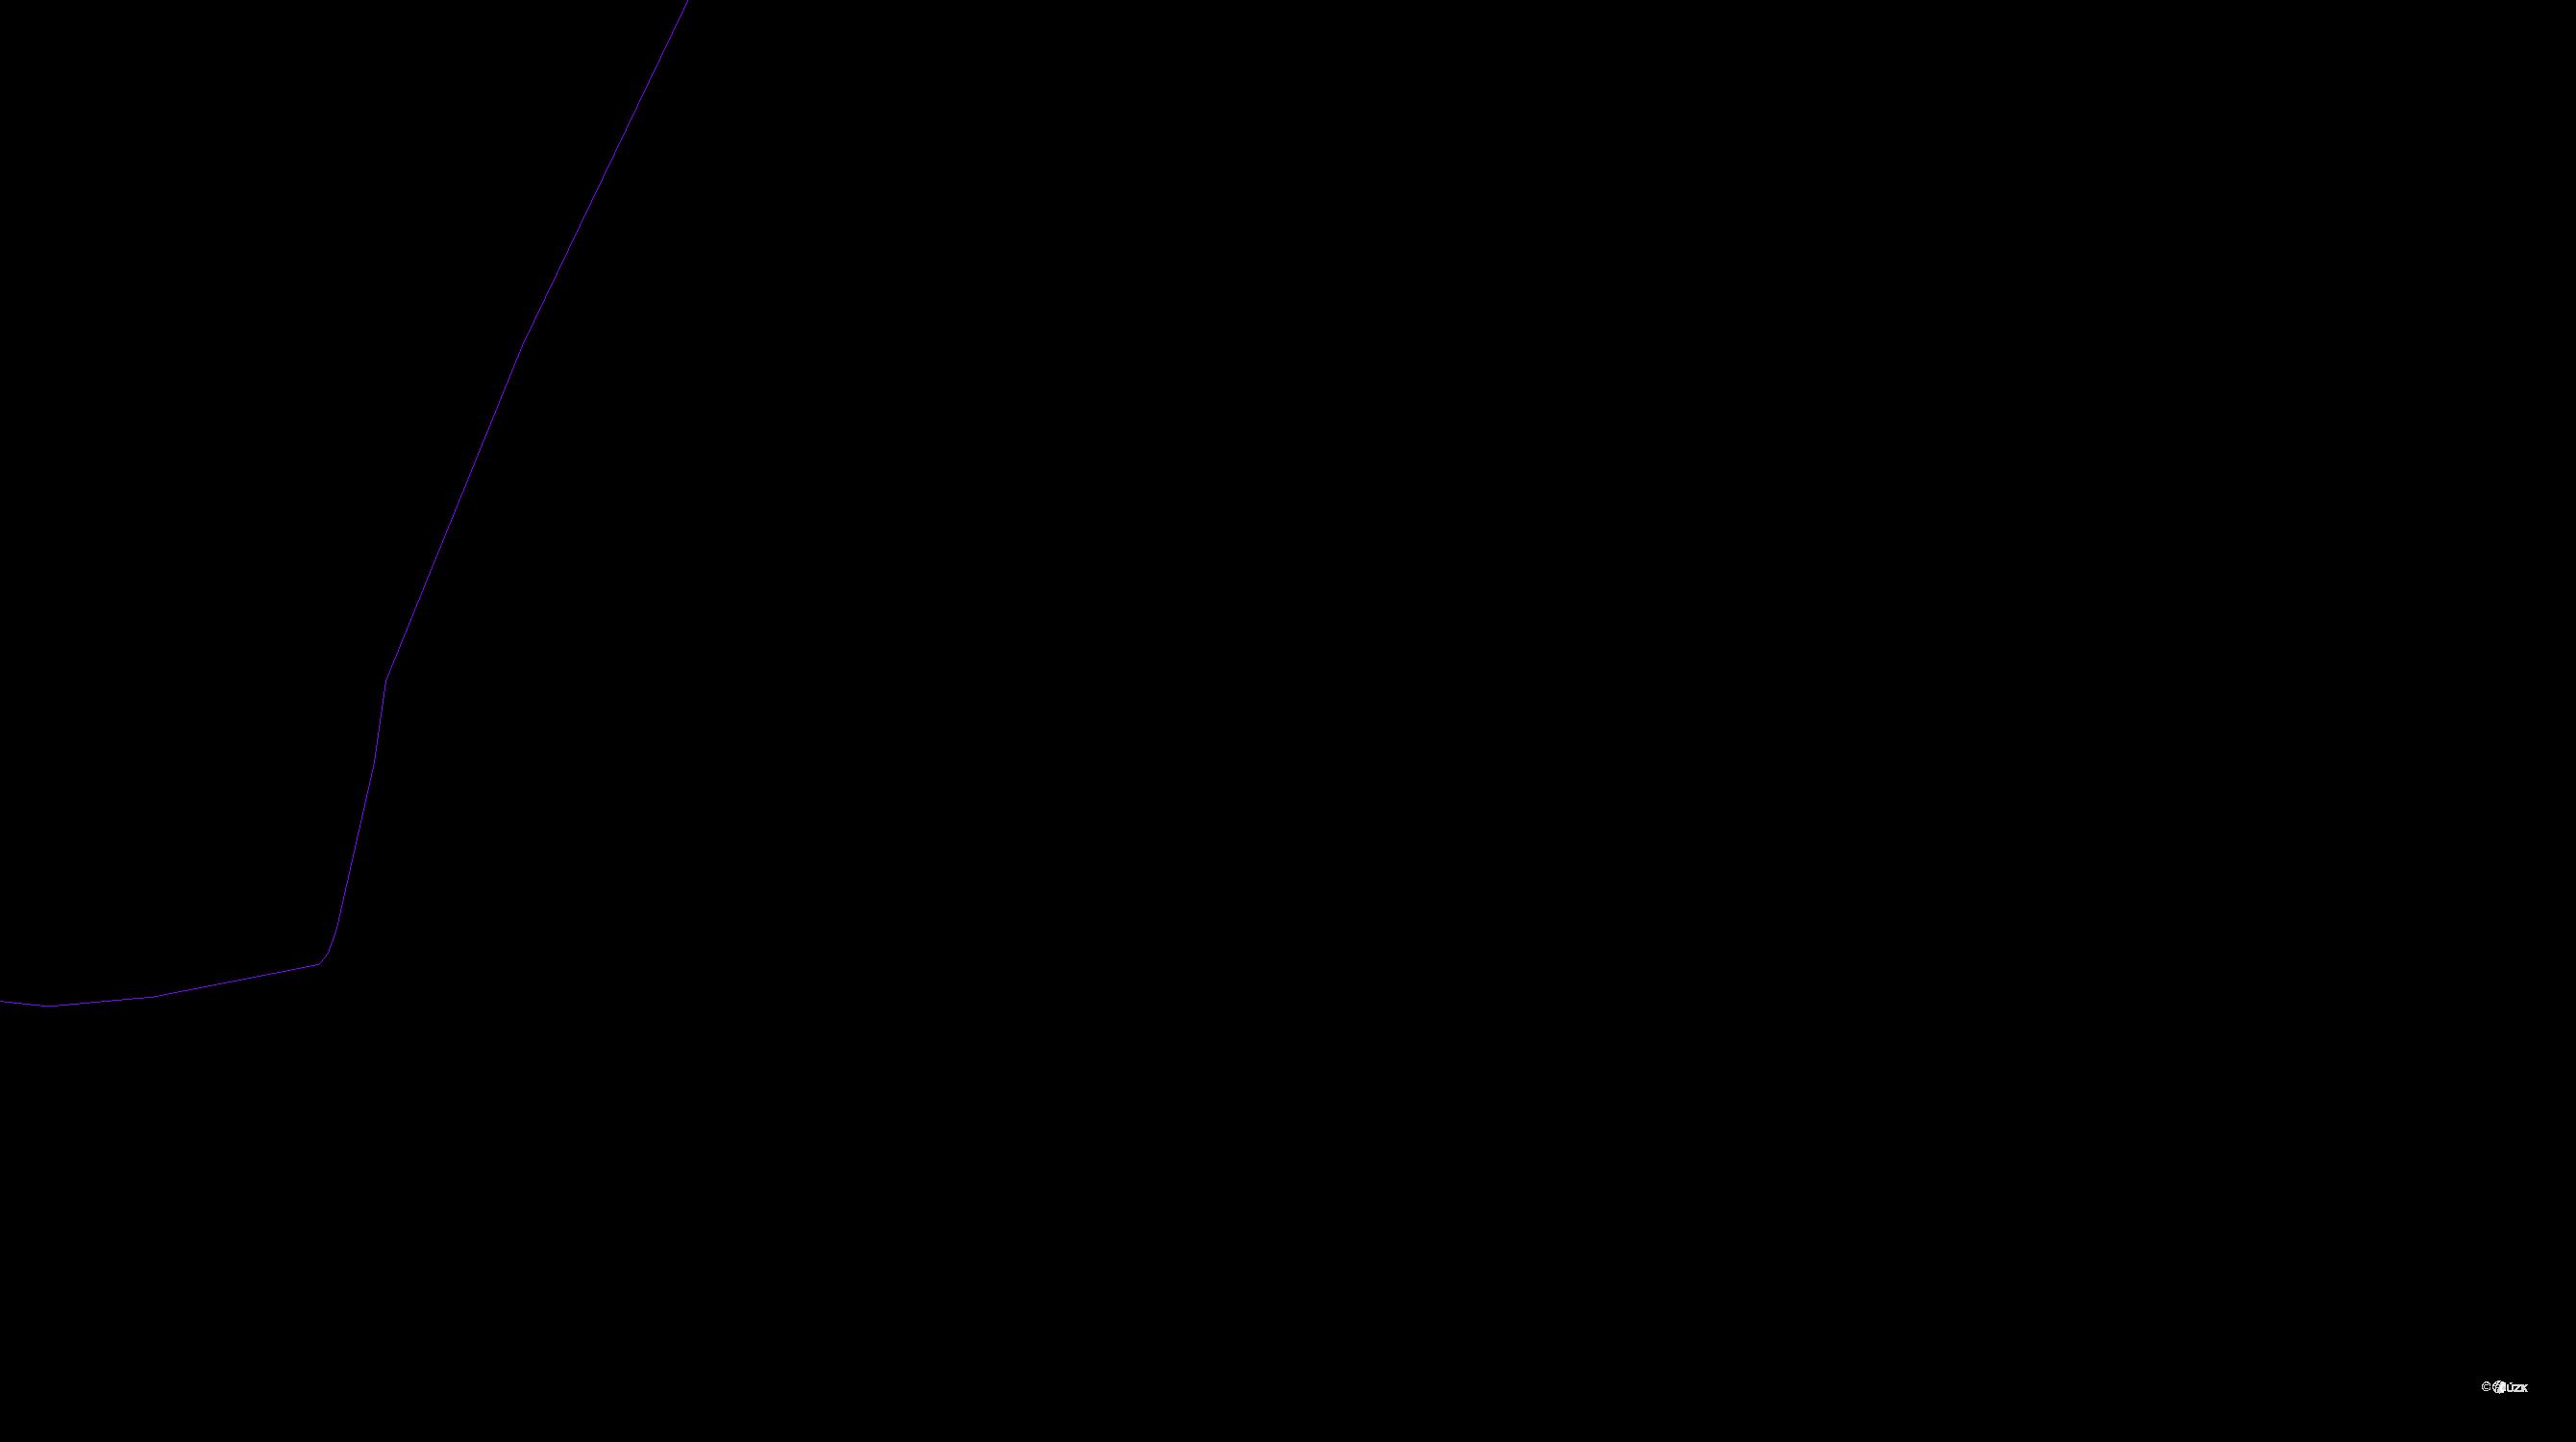 Katastrální mapa pozemků a čísla parcel Krchleby u Staňkova